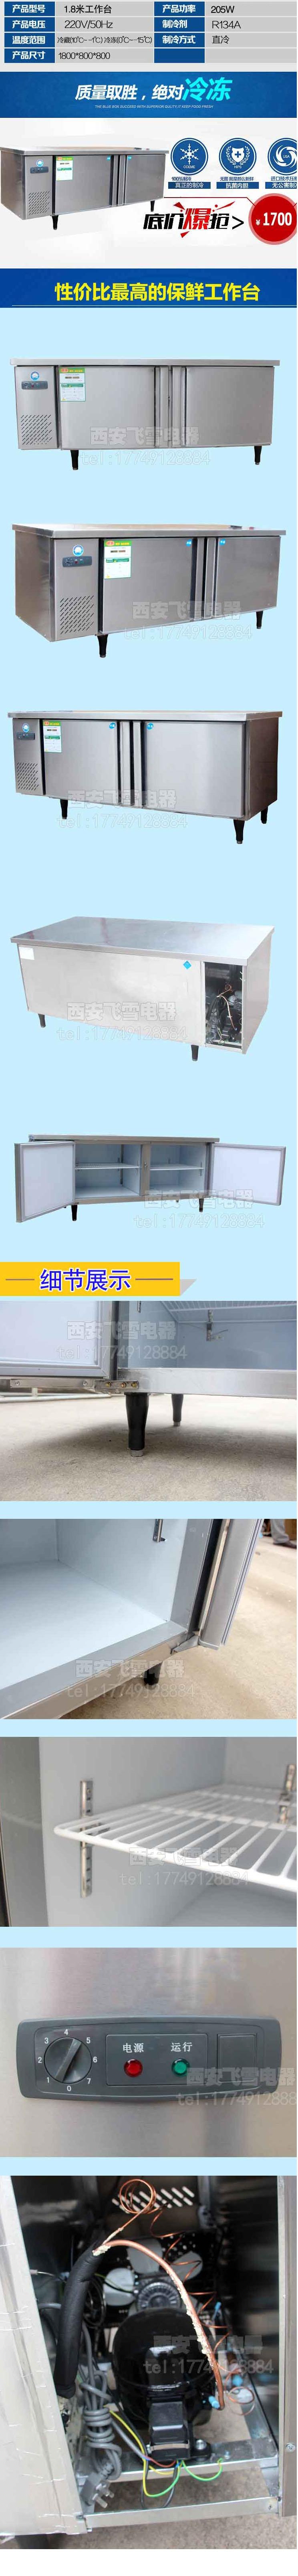 西安1.5米平冷工作臺